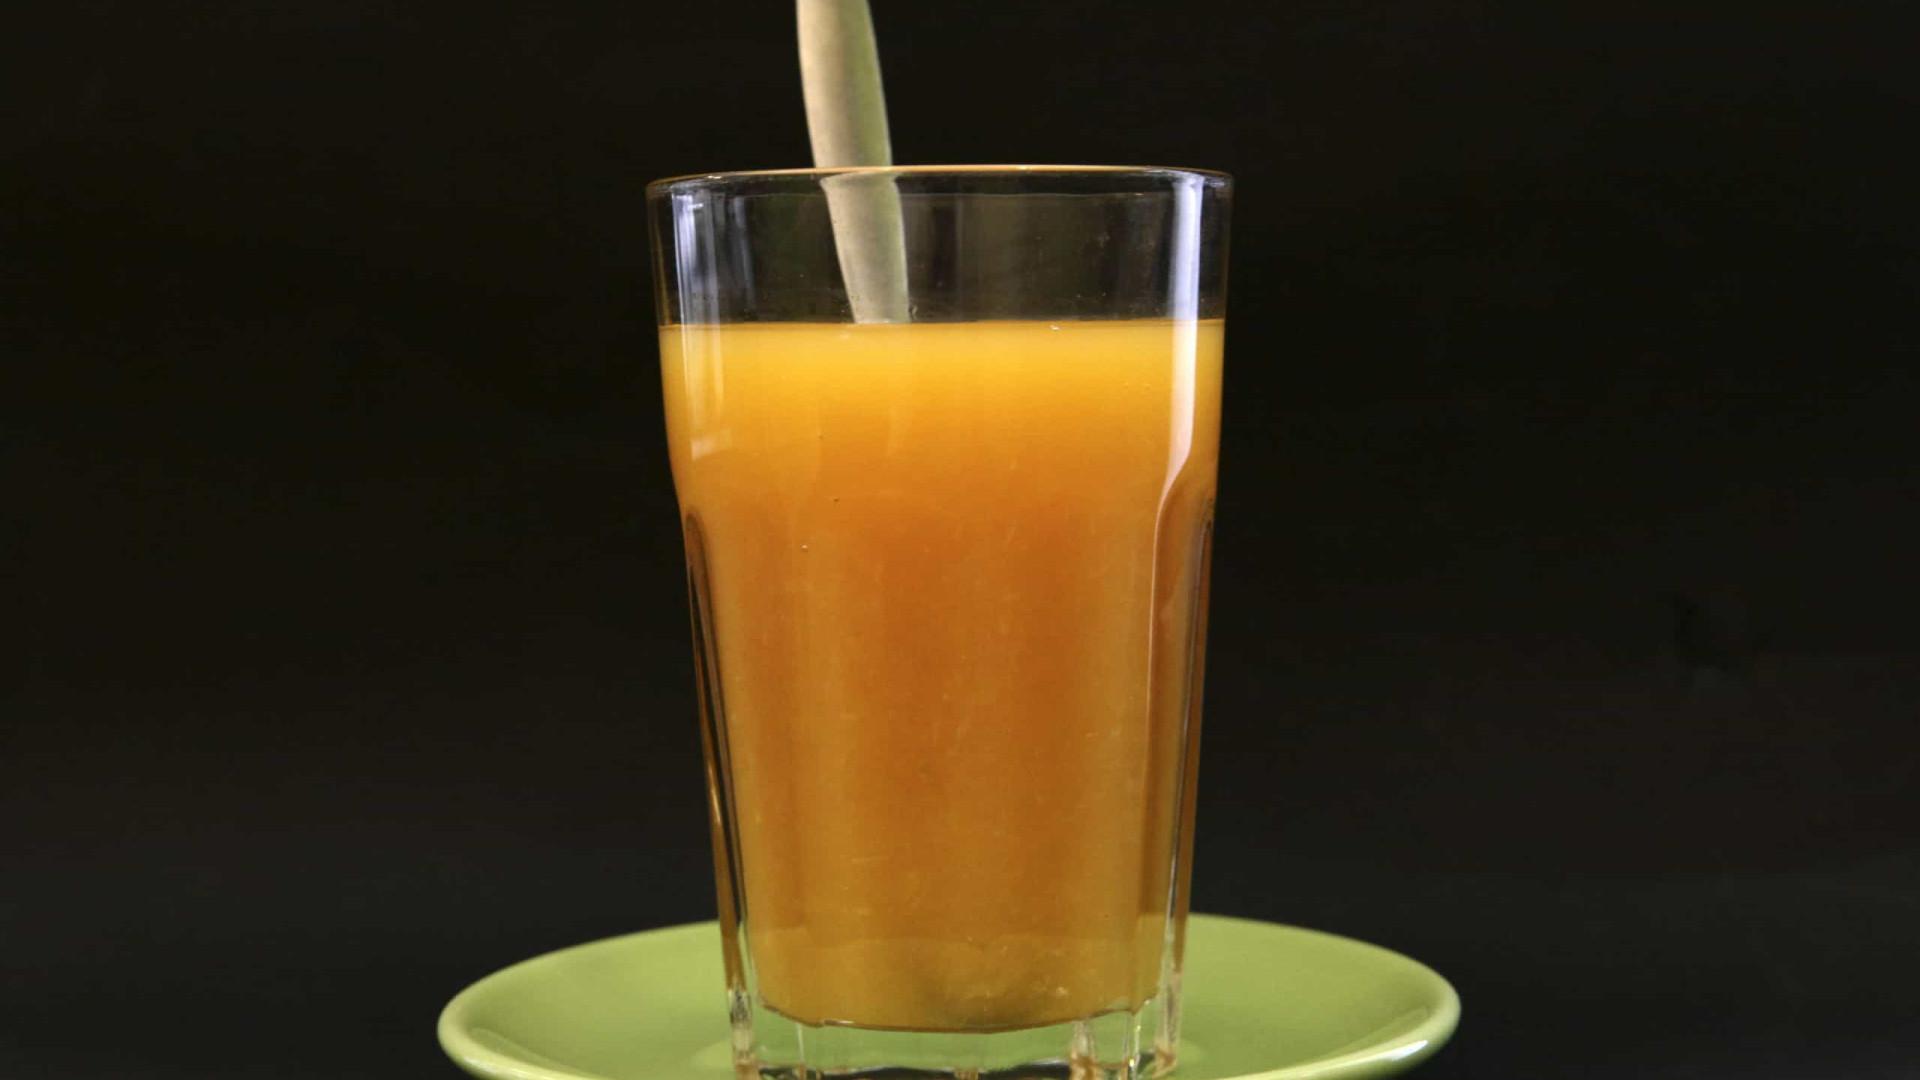 Bruxelas ameaça com taxas sobre sumo de laranja e manteiga de amendoim